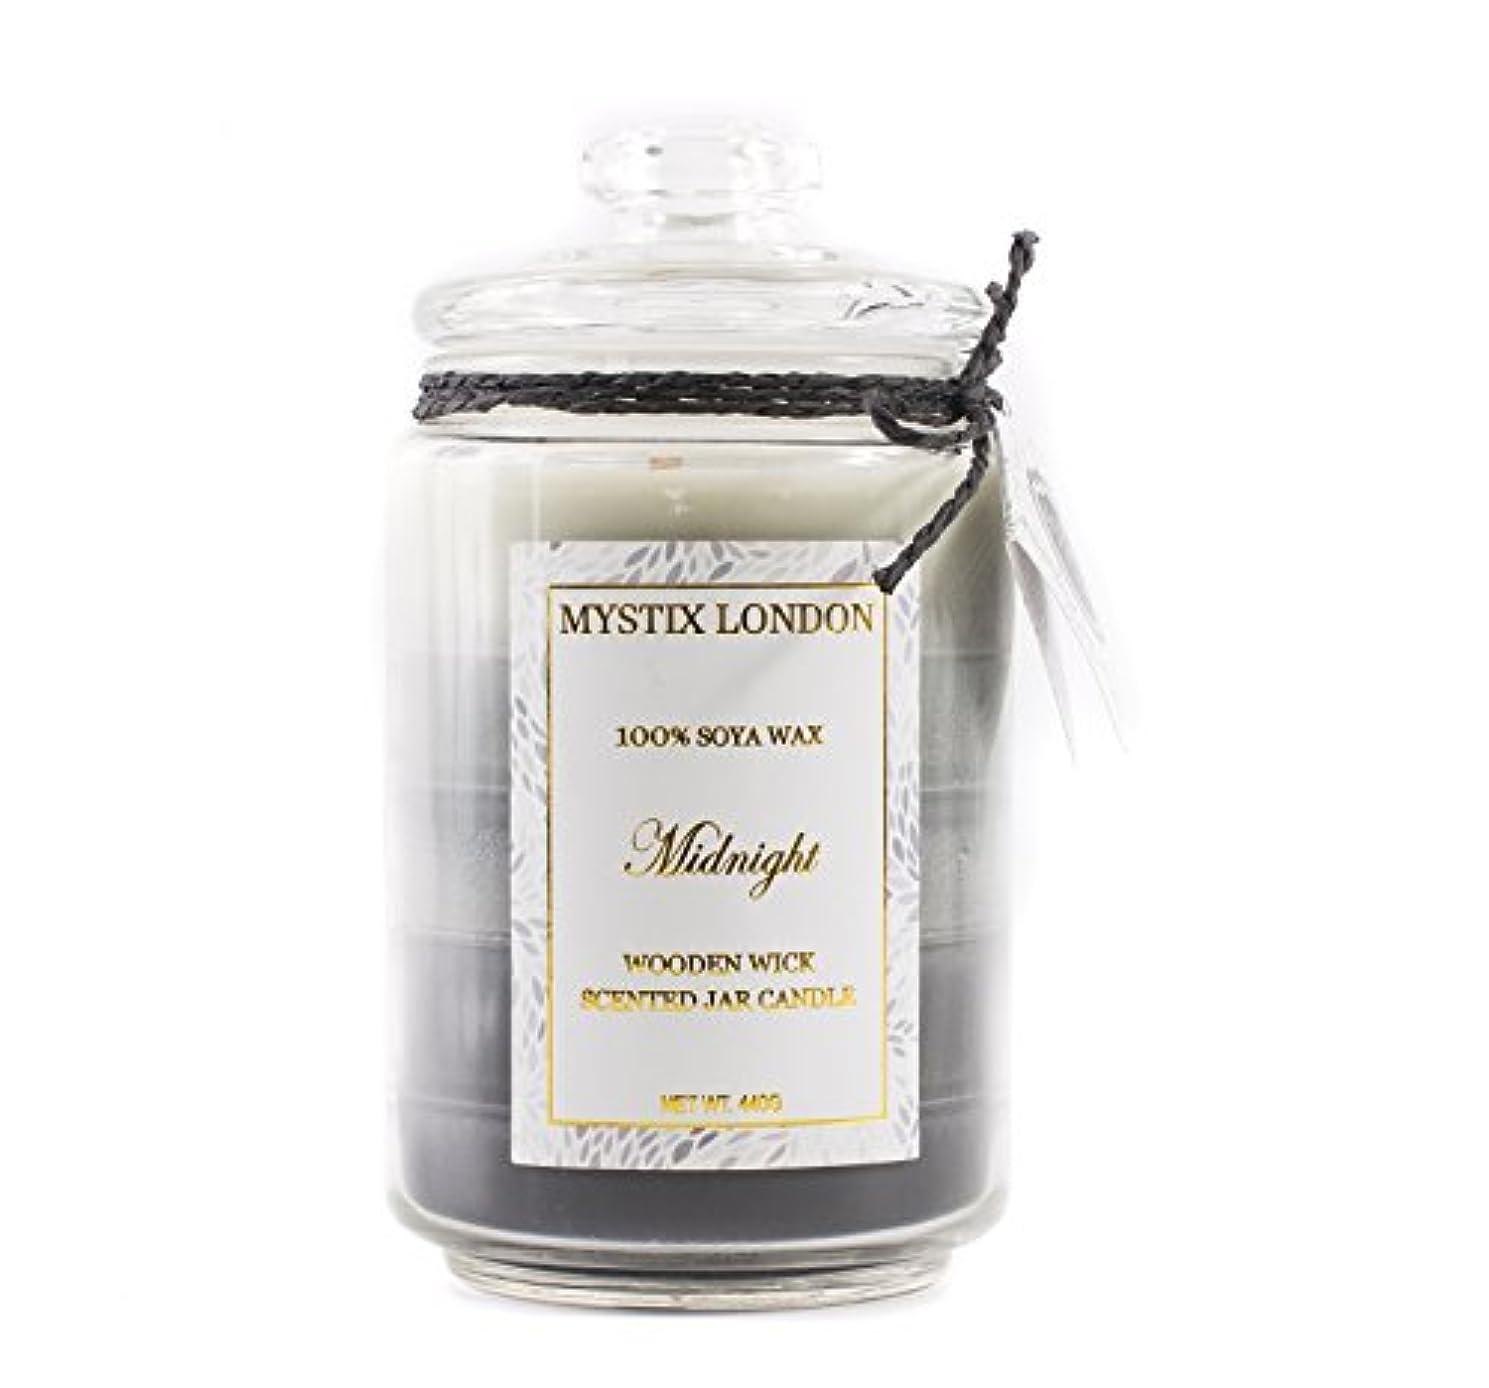 故障中テザーおばさんMystix London Midnight Wooden Wick Scented Jar Candle 440g